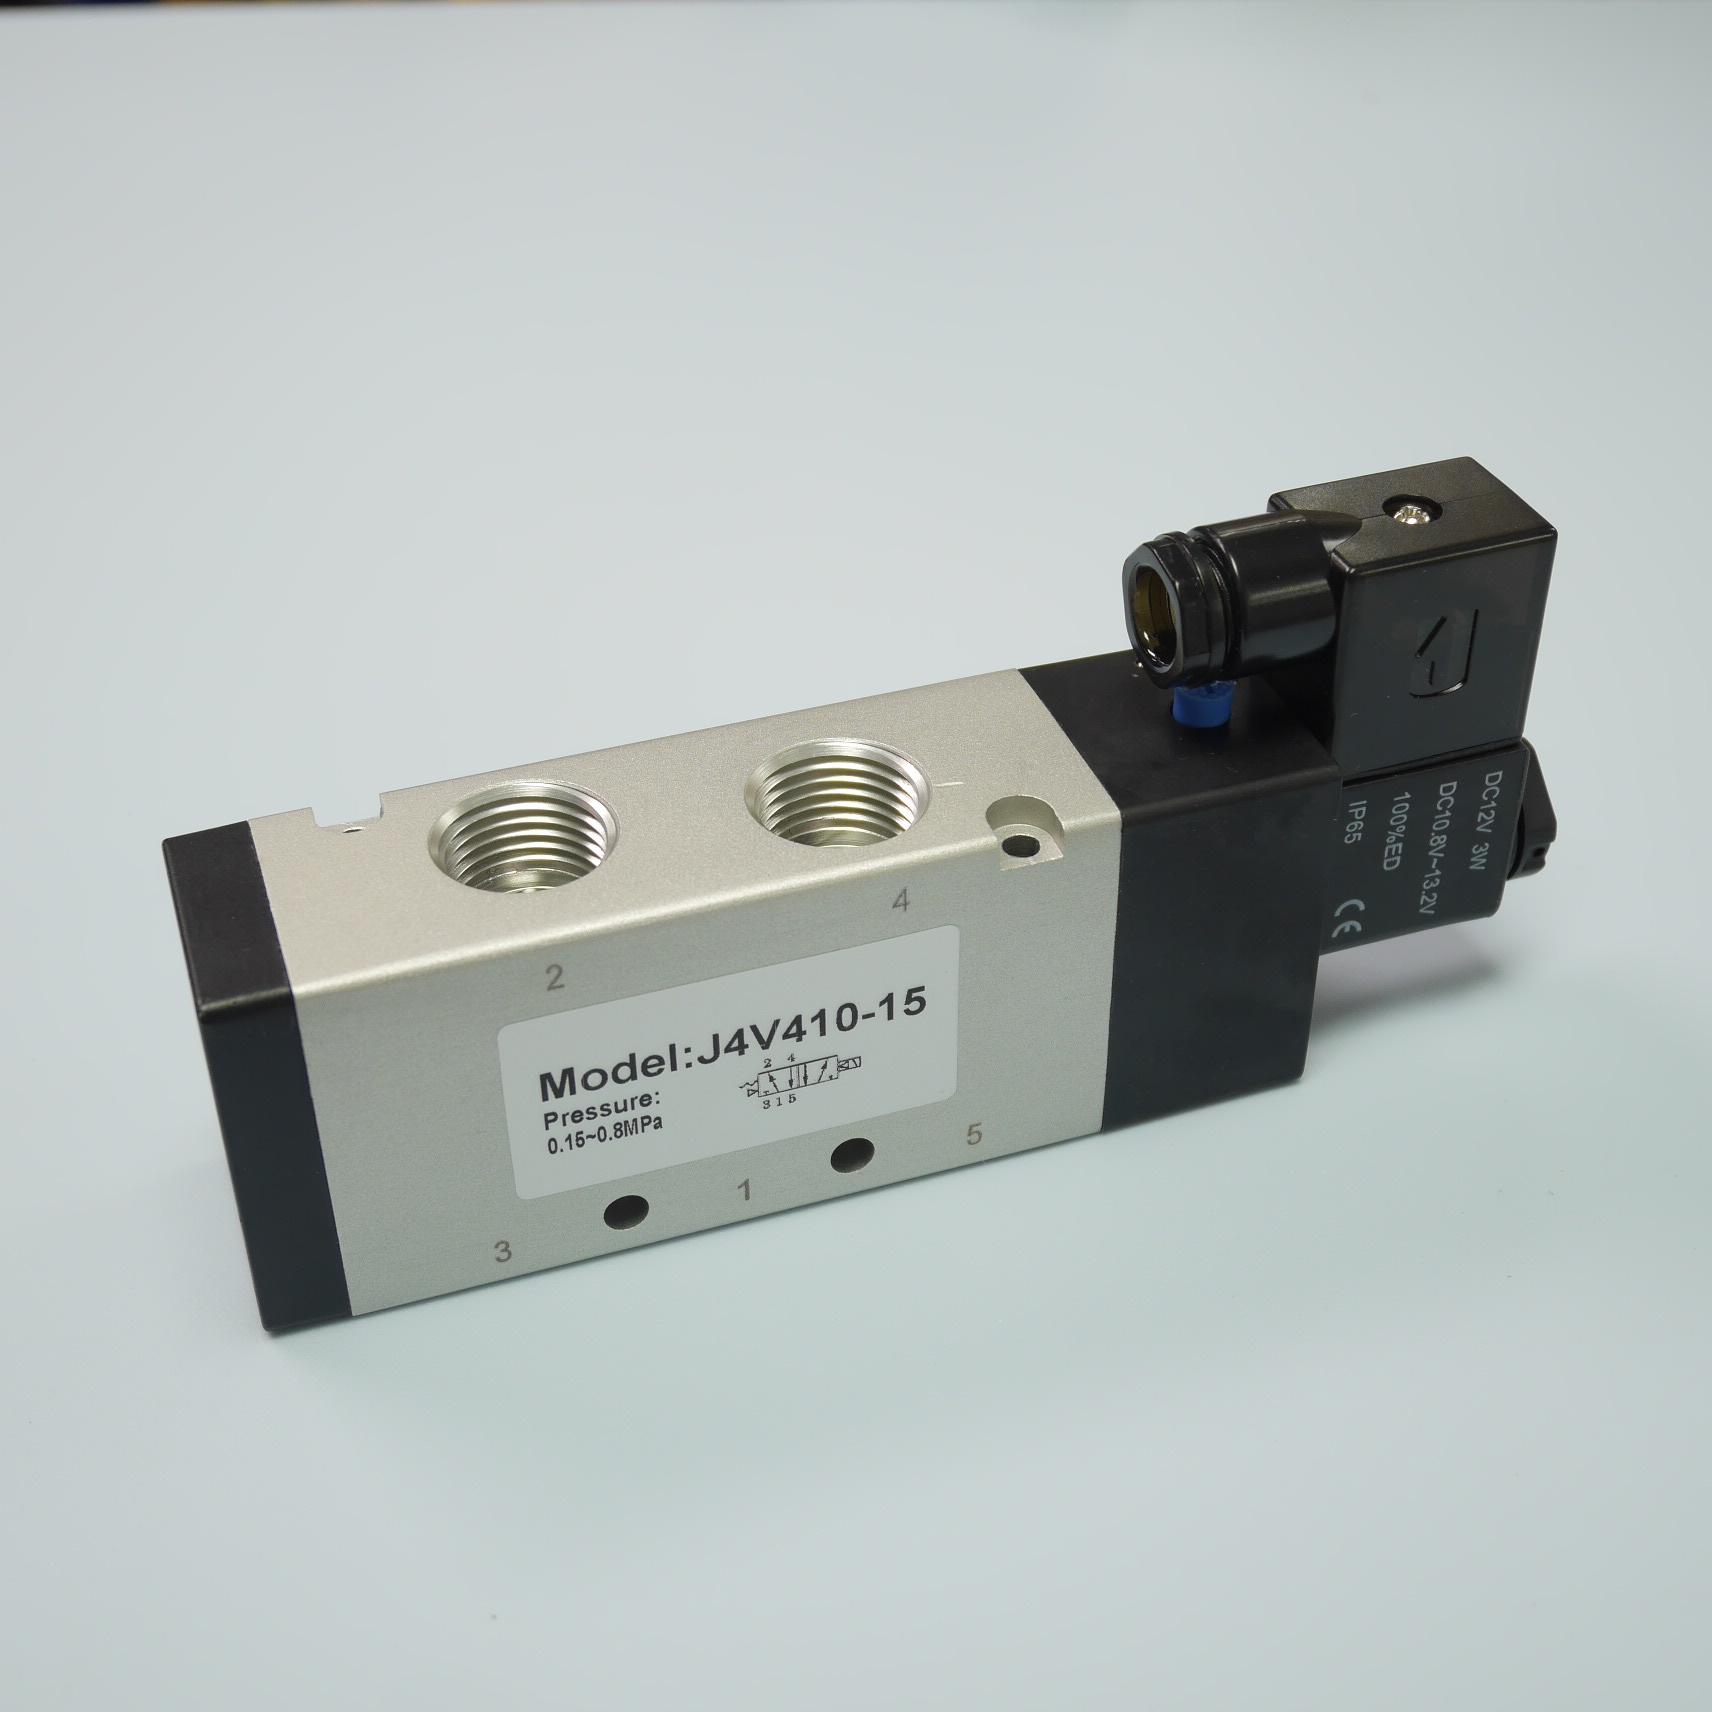 hight resolution of 5 2 way solenoid valve 1 2 npt ports 4v410 15